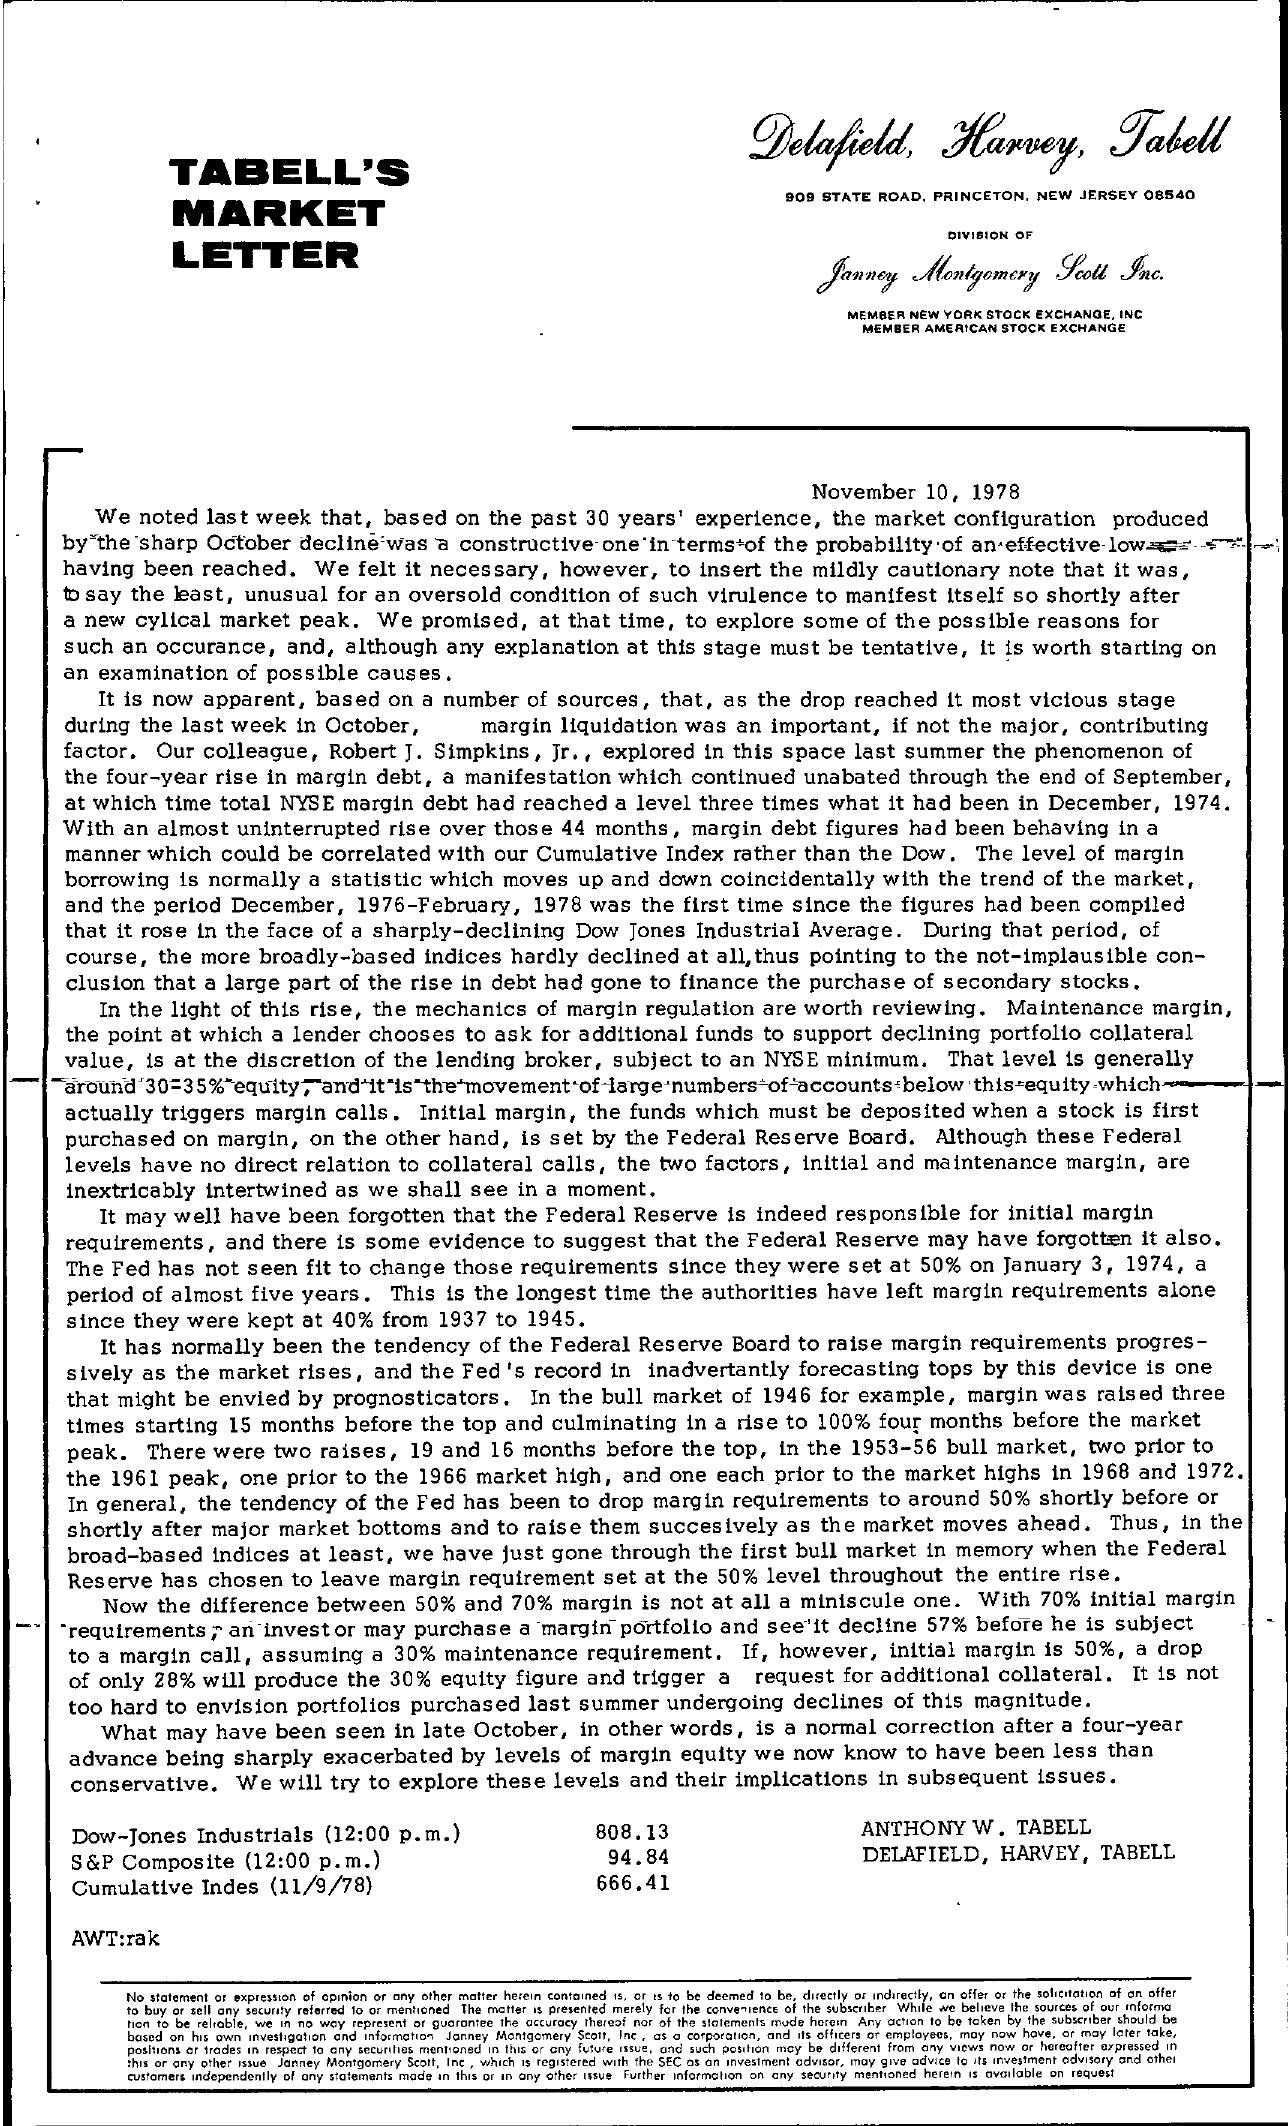 Tabell's Market Letter - November 10, 1978